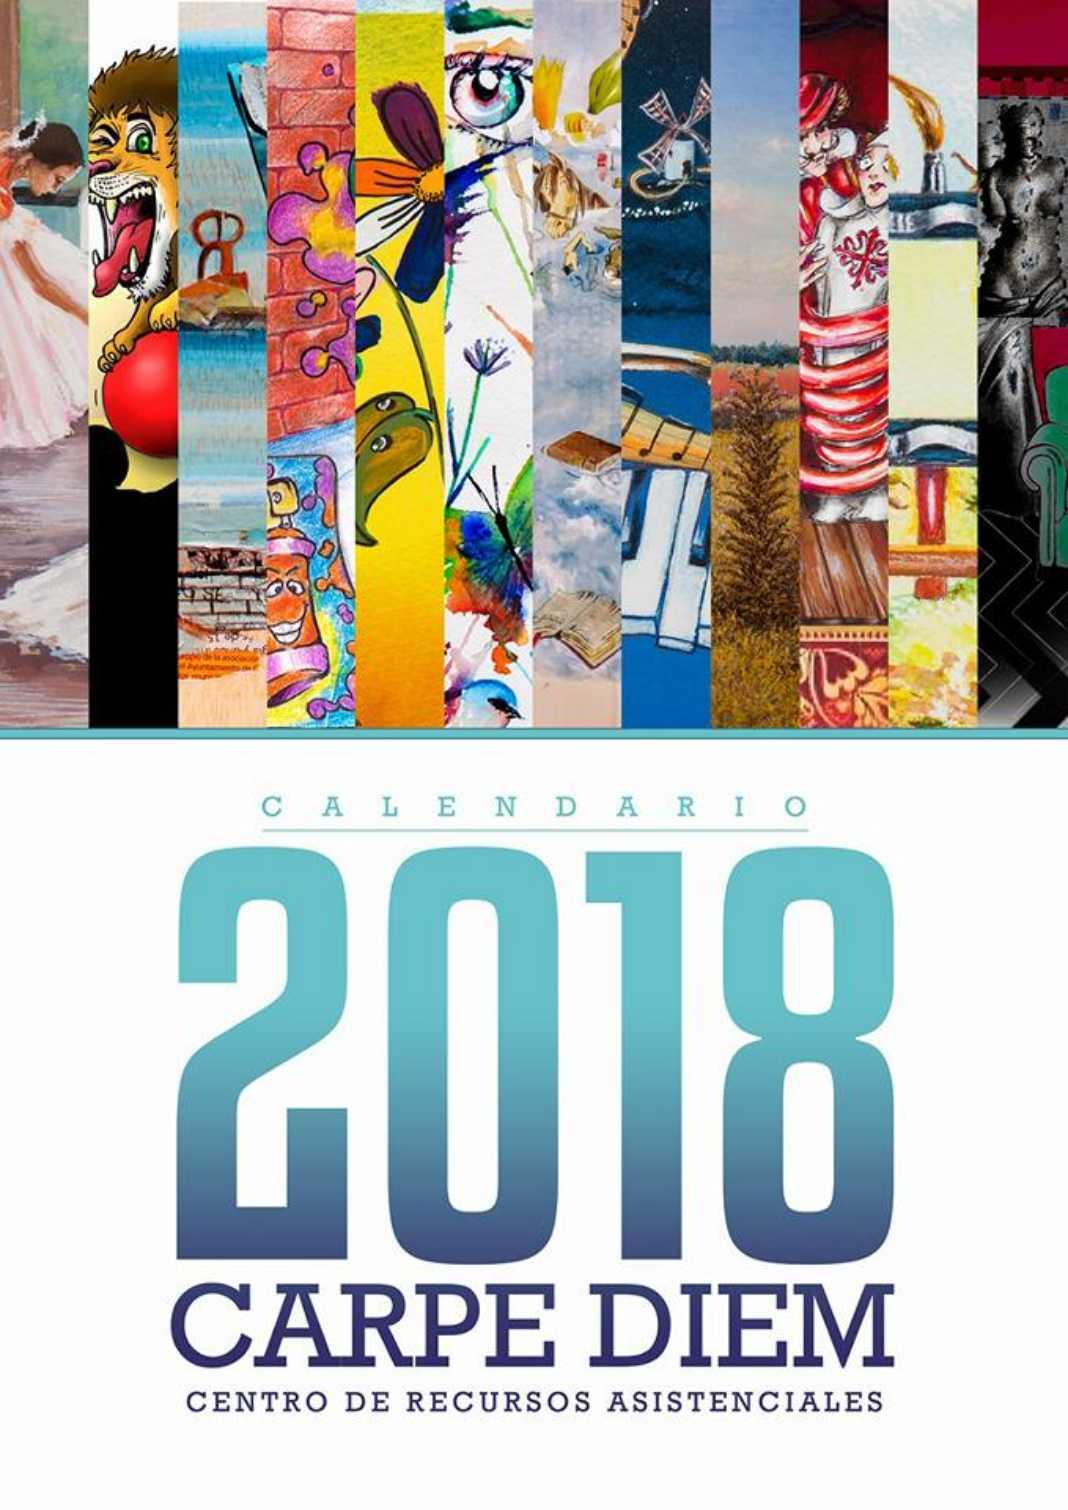 El centro Carpe Diem presenta su calendario 2018 7